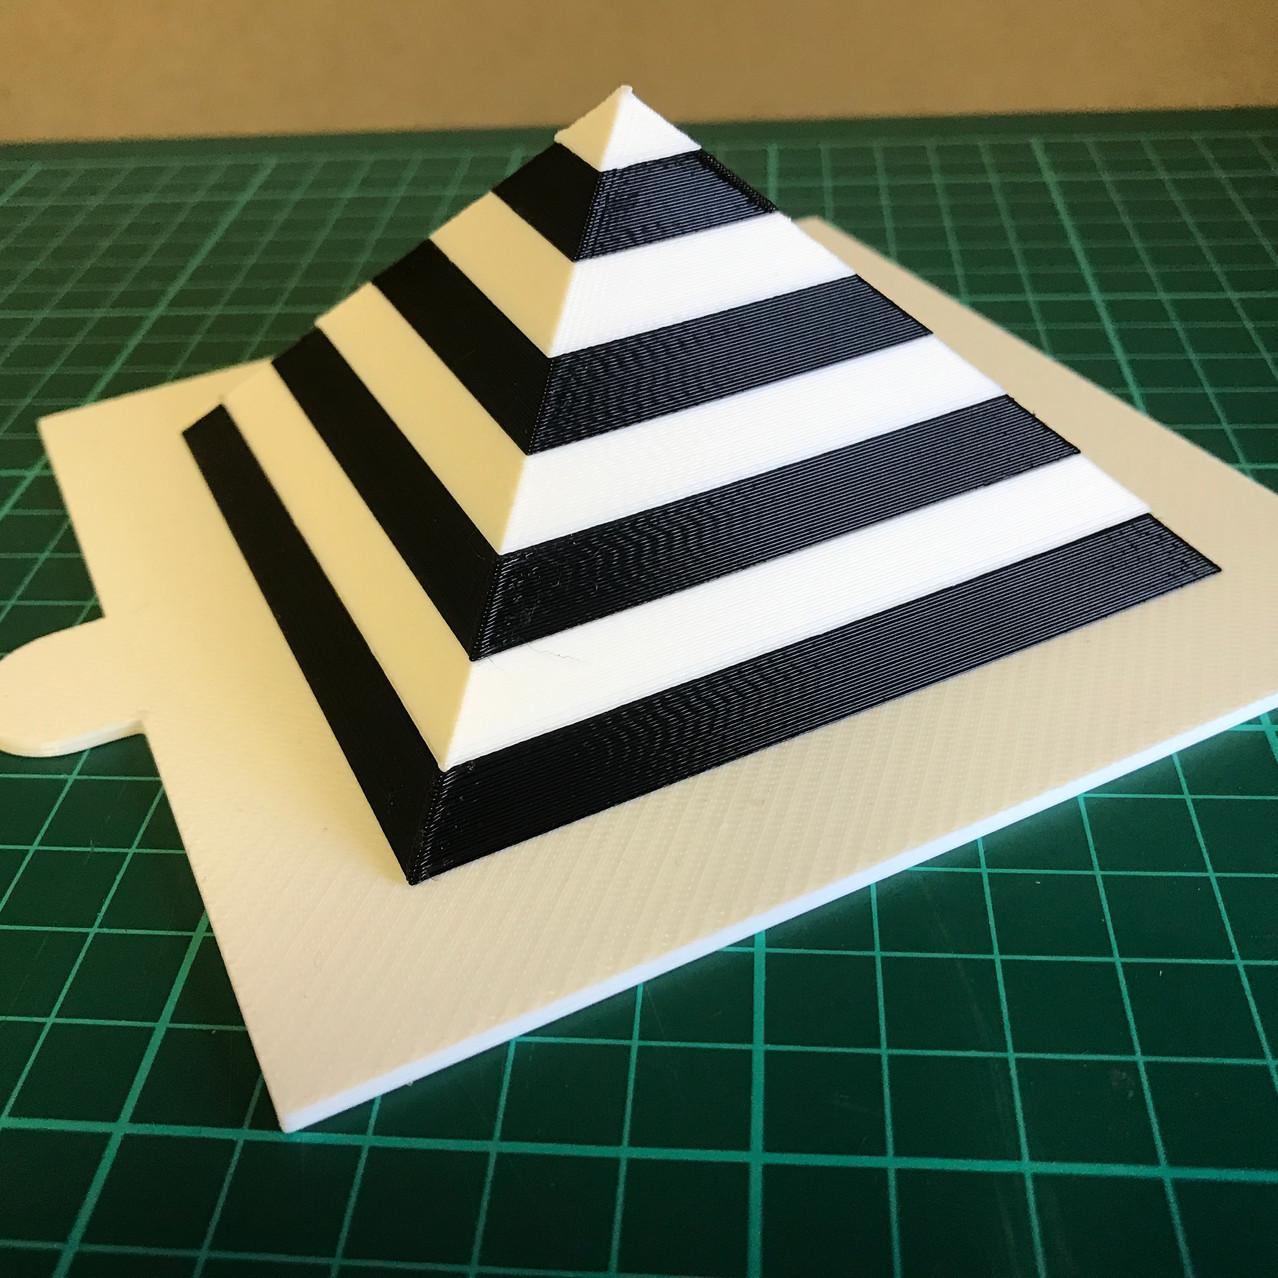 3D Printed Pyramid Stimuli